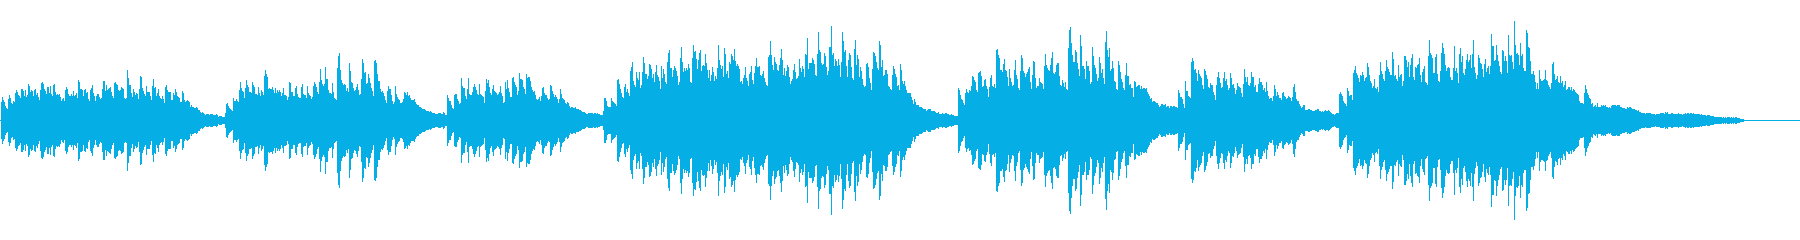 シューマン 我儘で一徹なピアノ曲 高音質の再生済みの波形